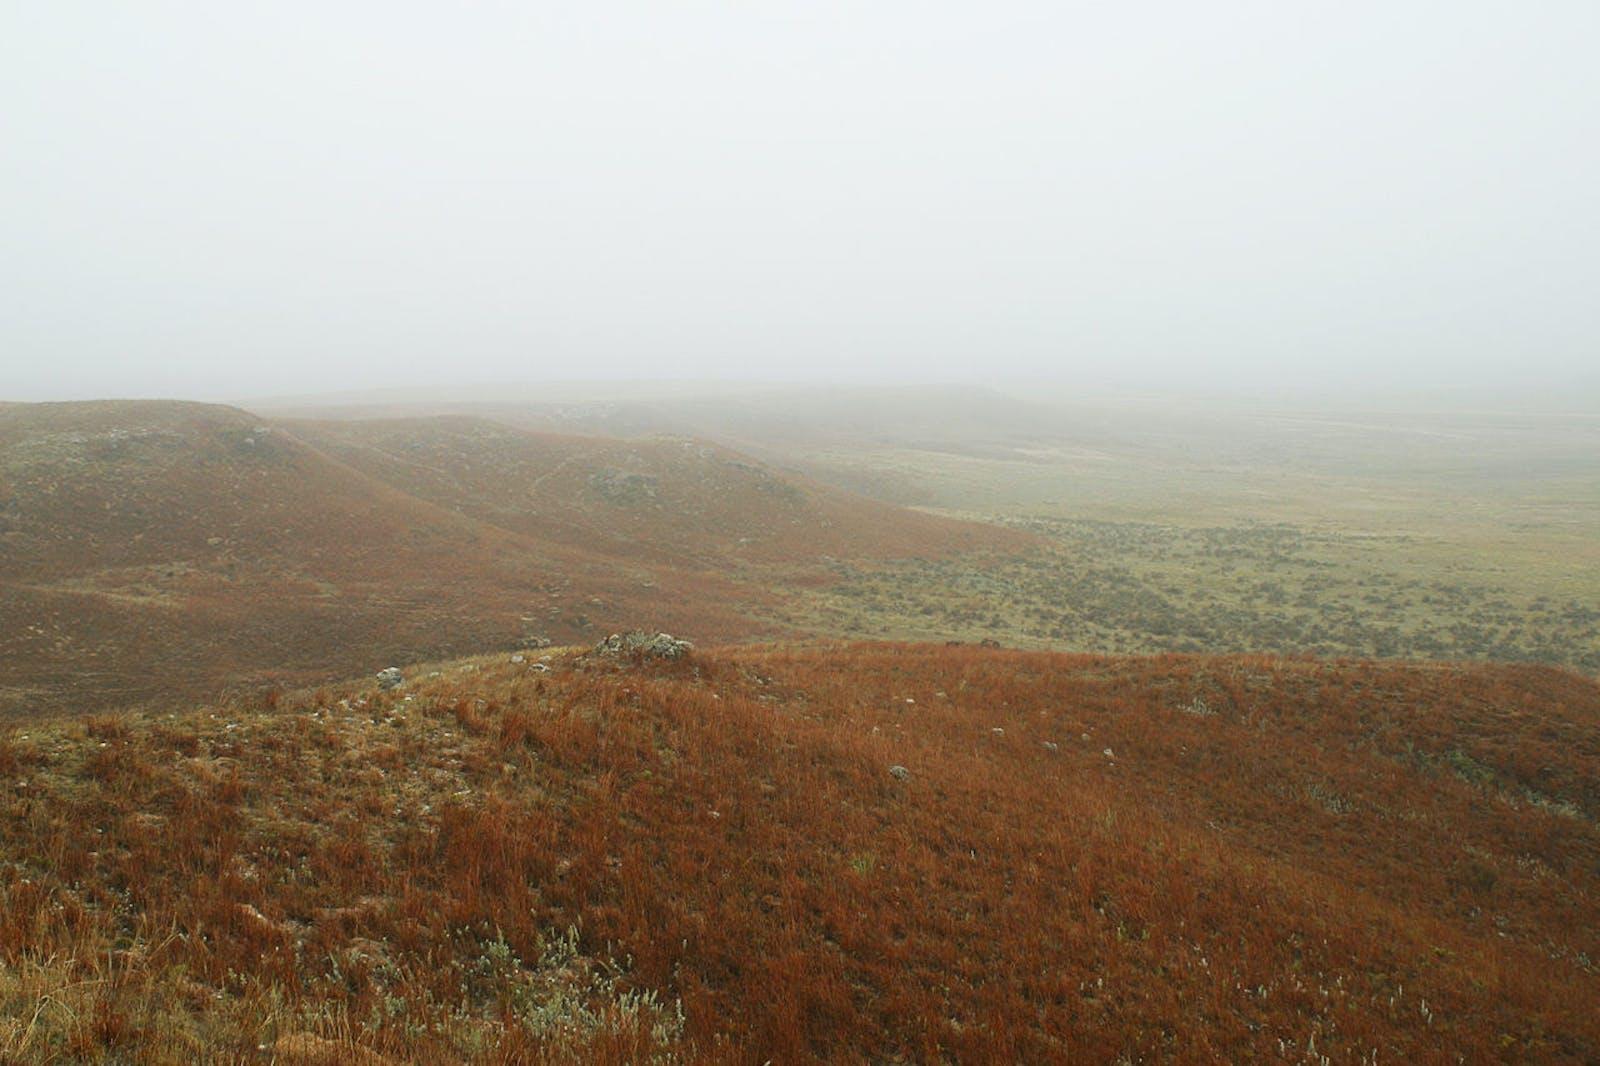 Western Shortgrass Prairie